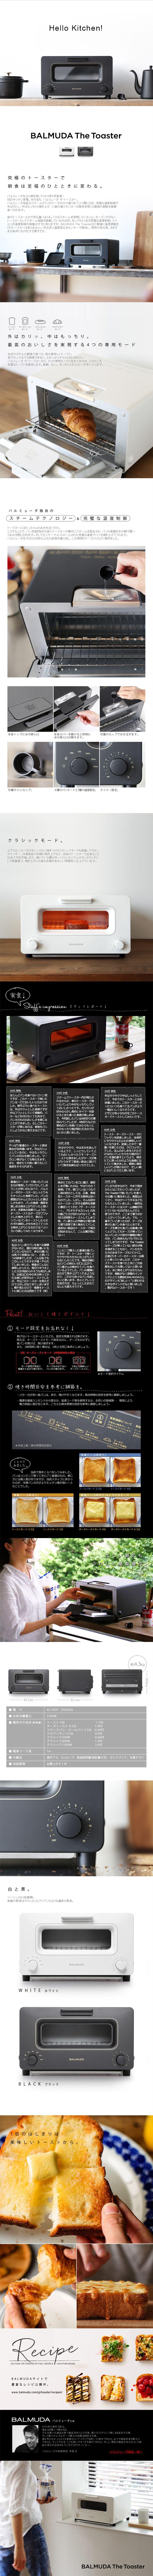 balmuda トースター|WEBデザイナーさん必見!ランディングページのデザイン参考に(シンプル系)